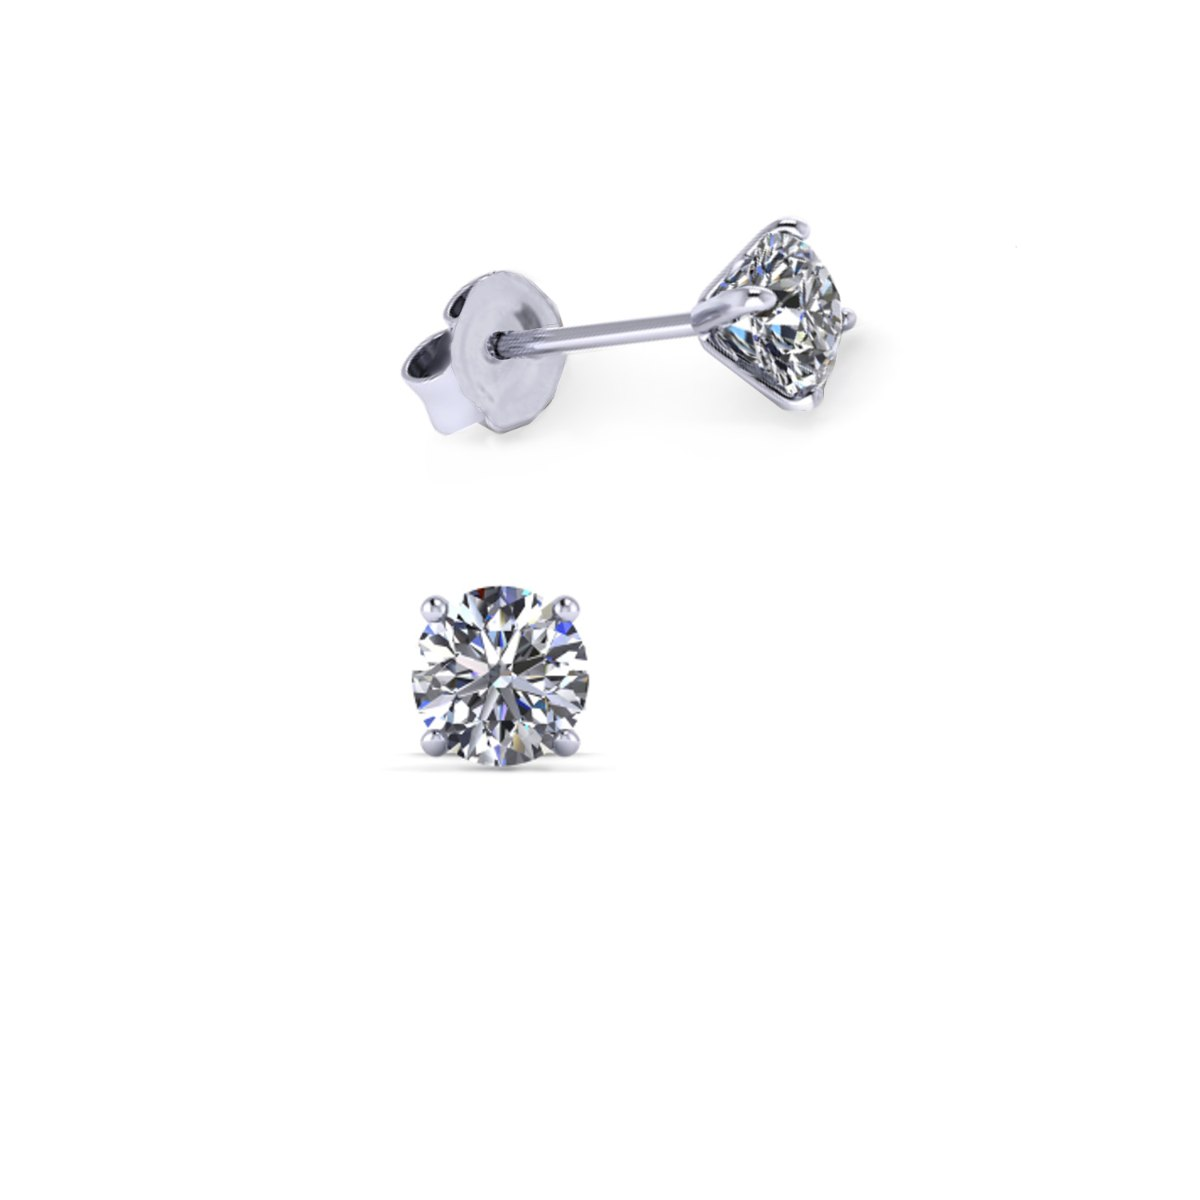 עגילי יהלומים צמודים לאישה 0.60 קראט - עגילי יהלומים צמודים לאוזן